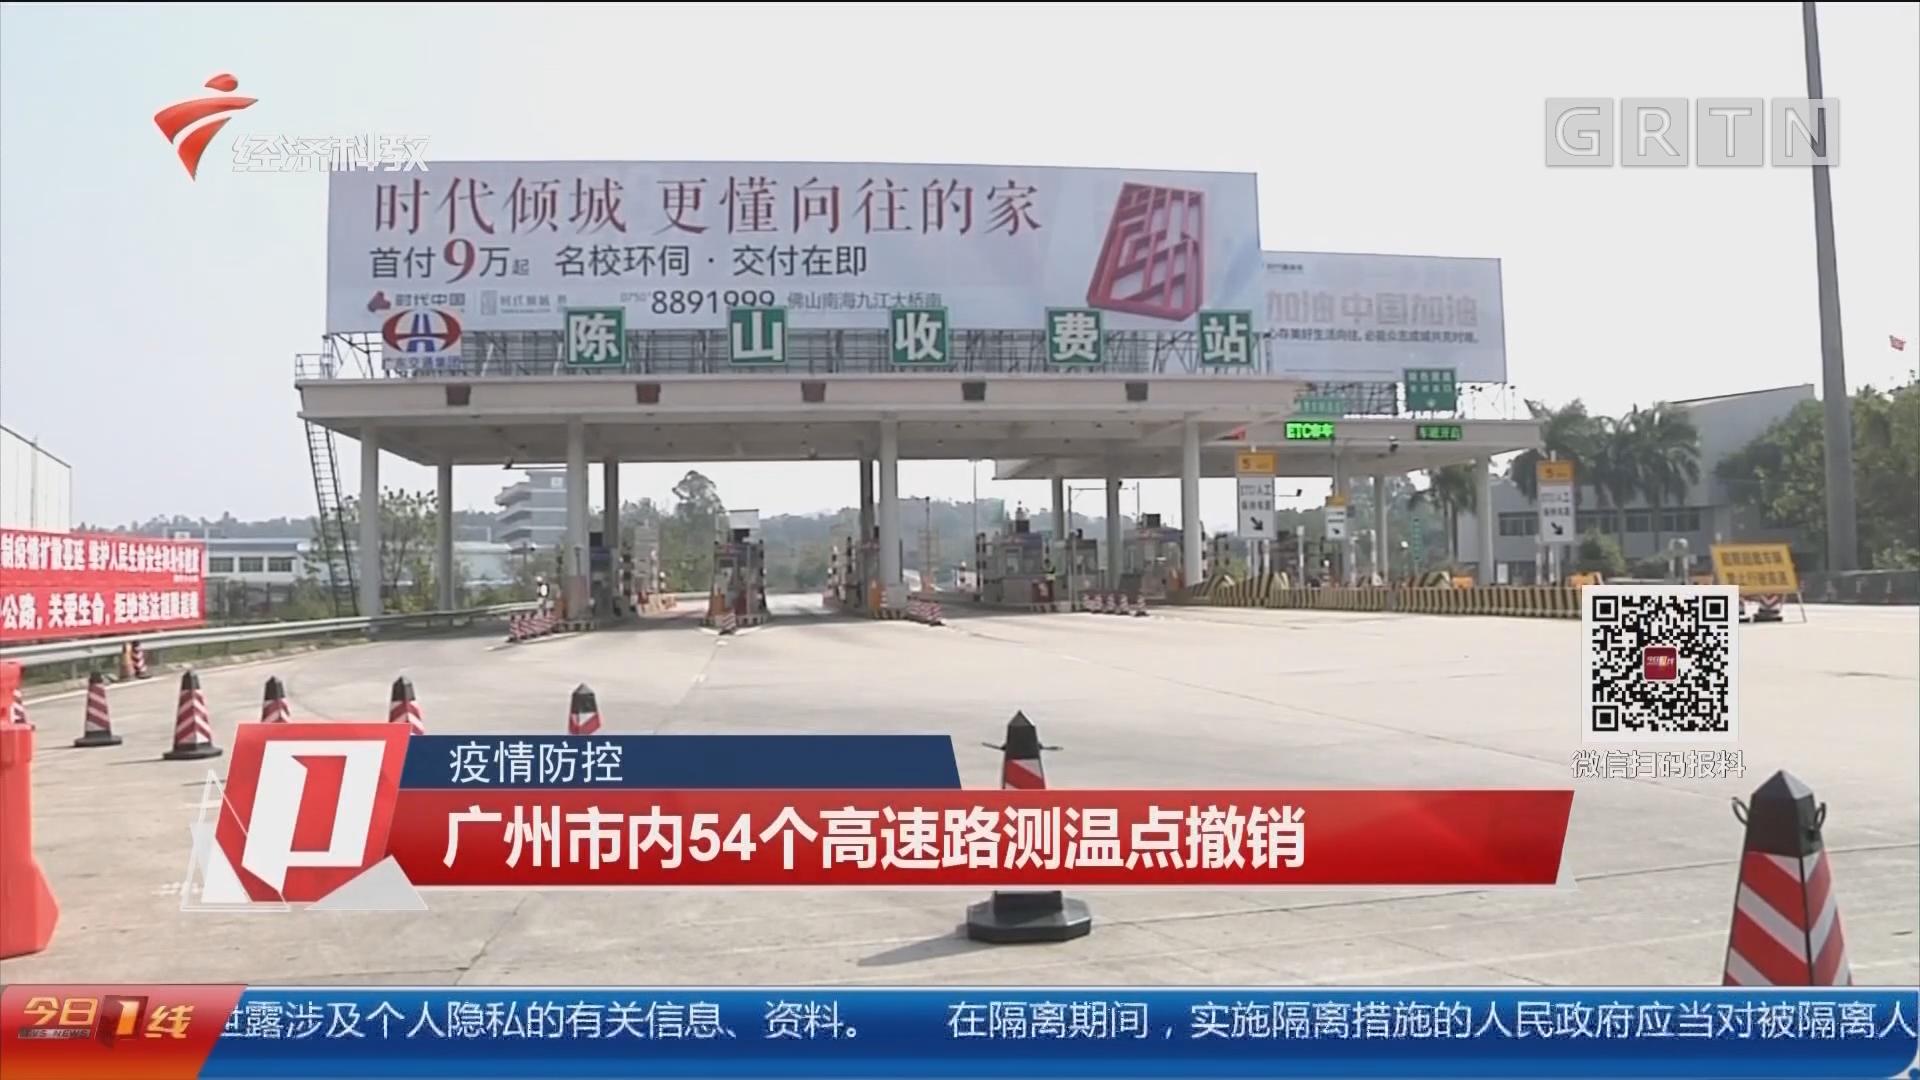 疫情防控 广州市内54个高速路测温点撤销